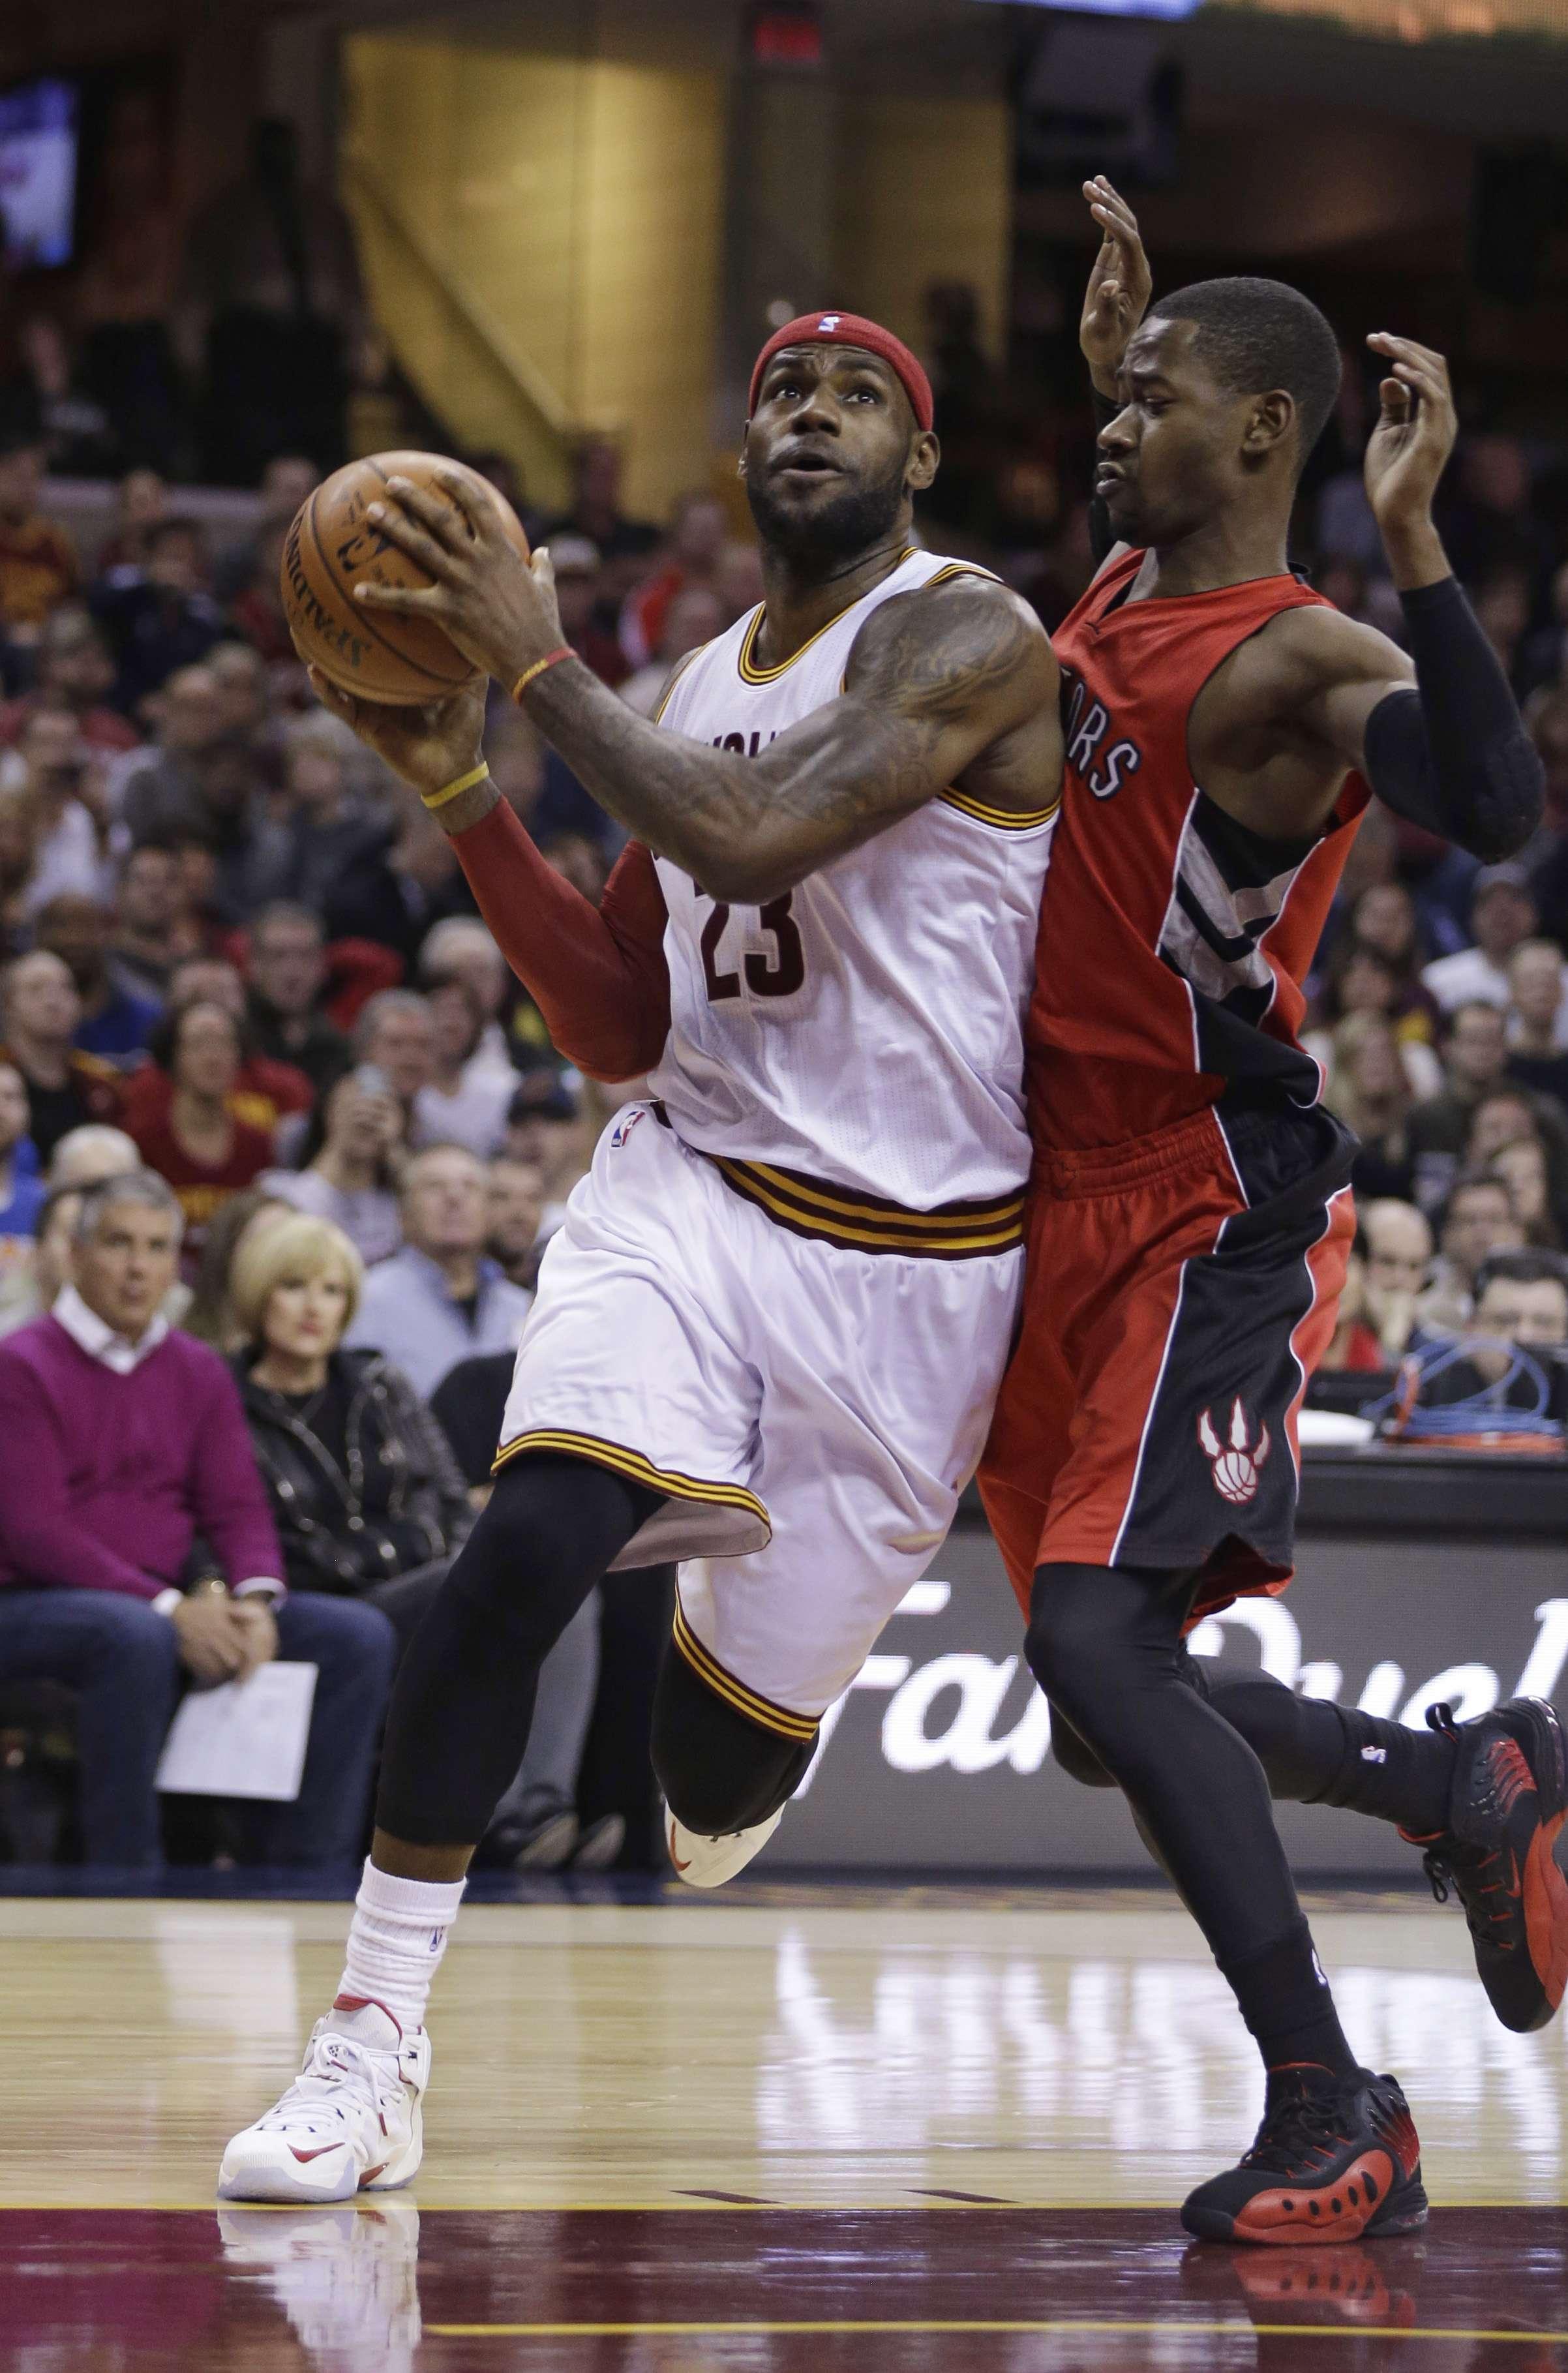 James sigue sin poder brillar en su regreso a Cleveland. Foto: AP